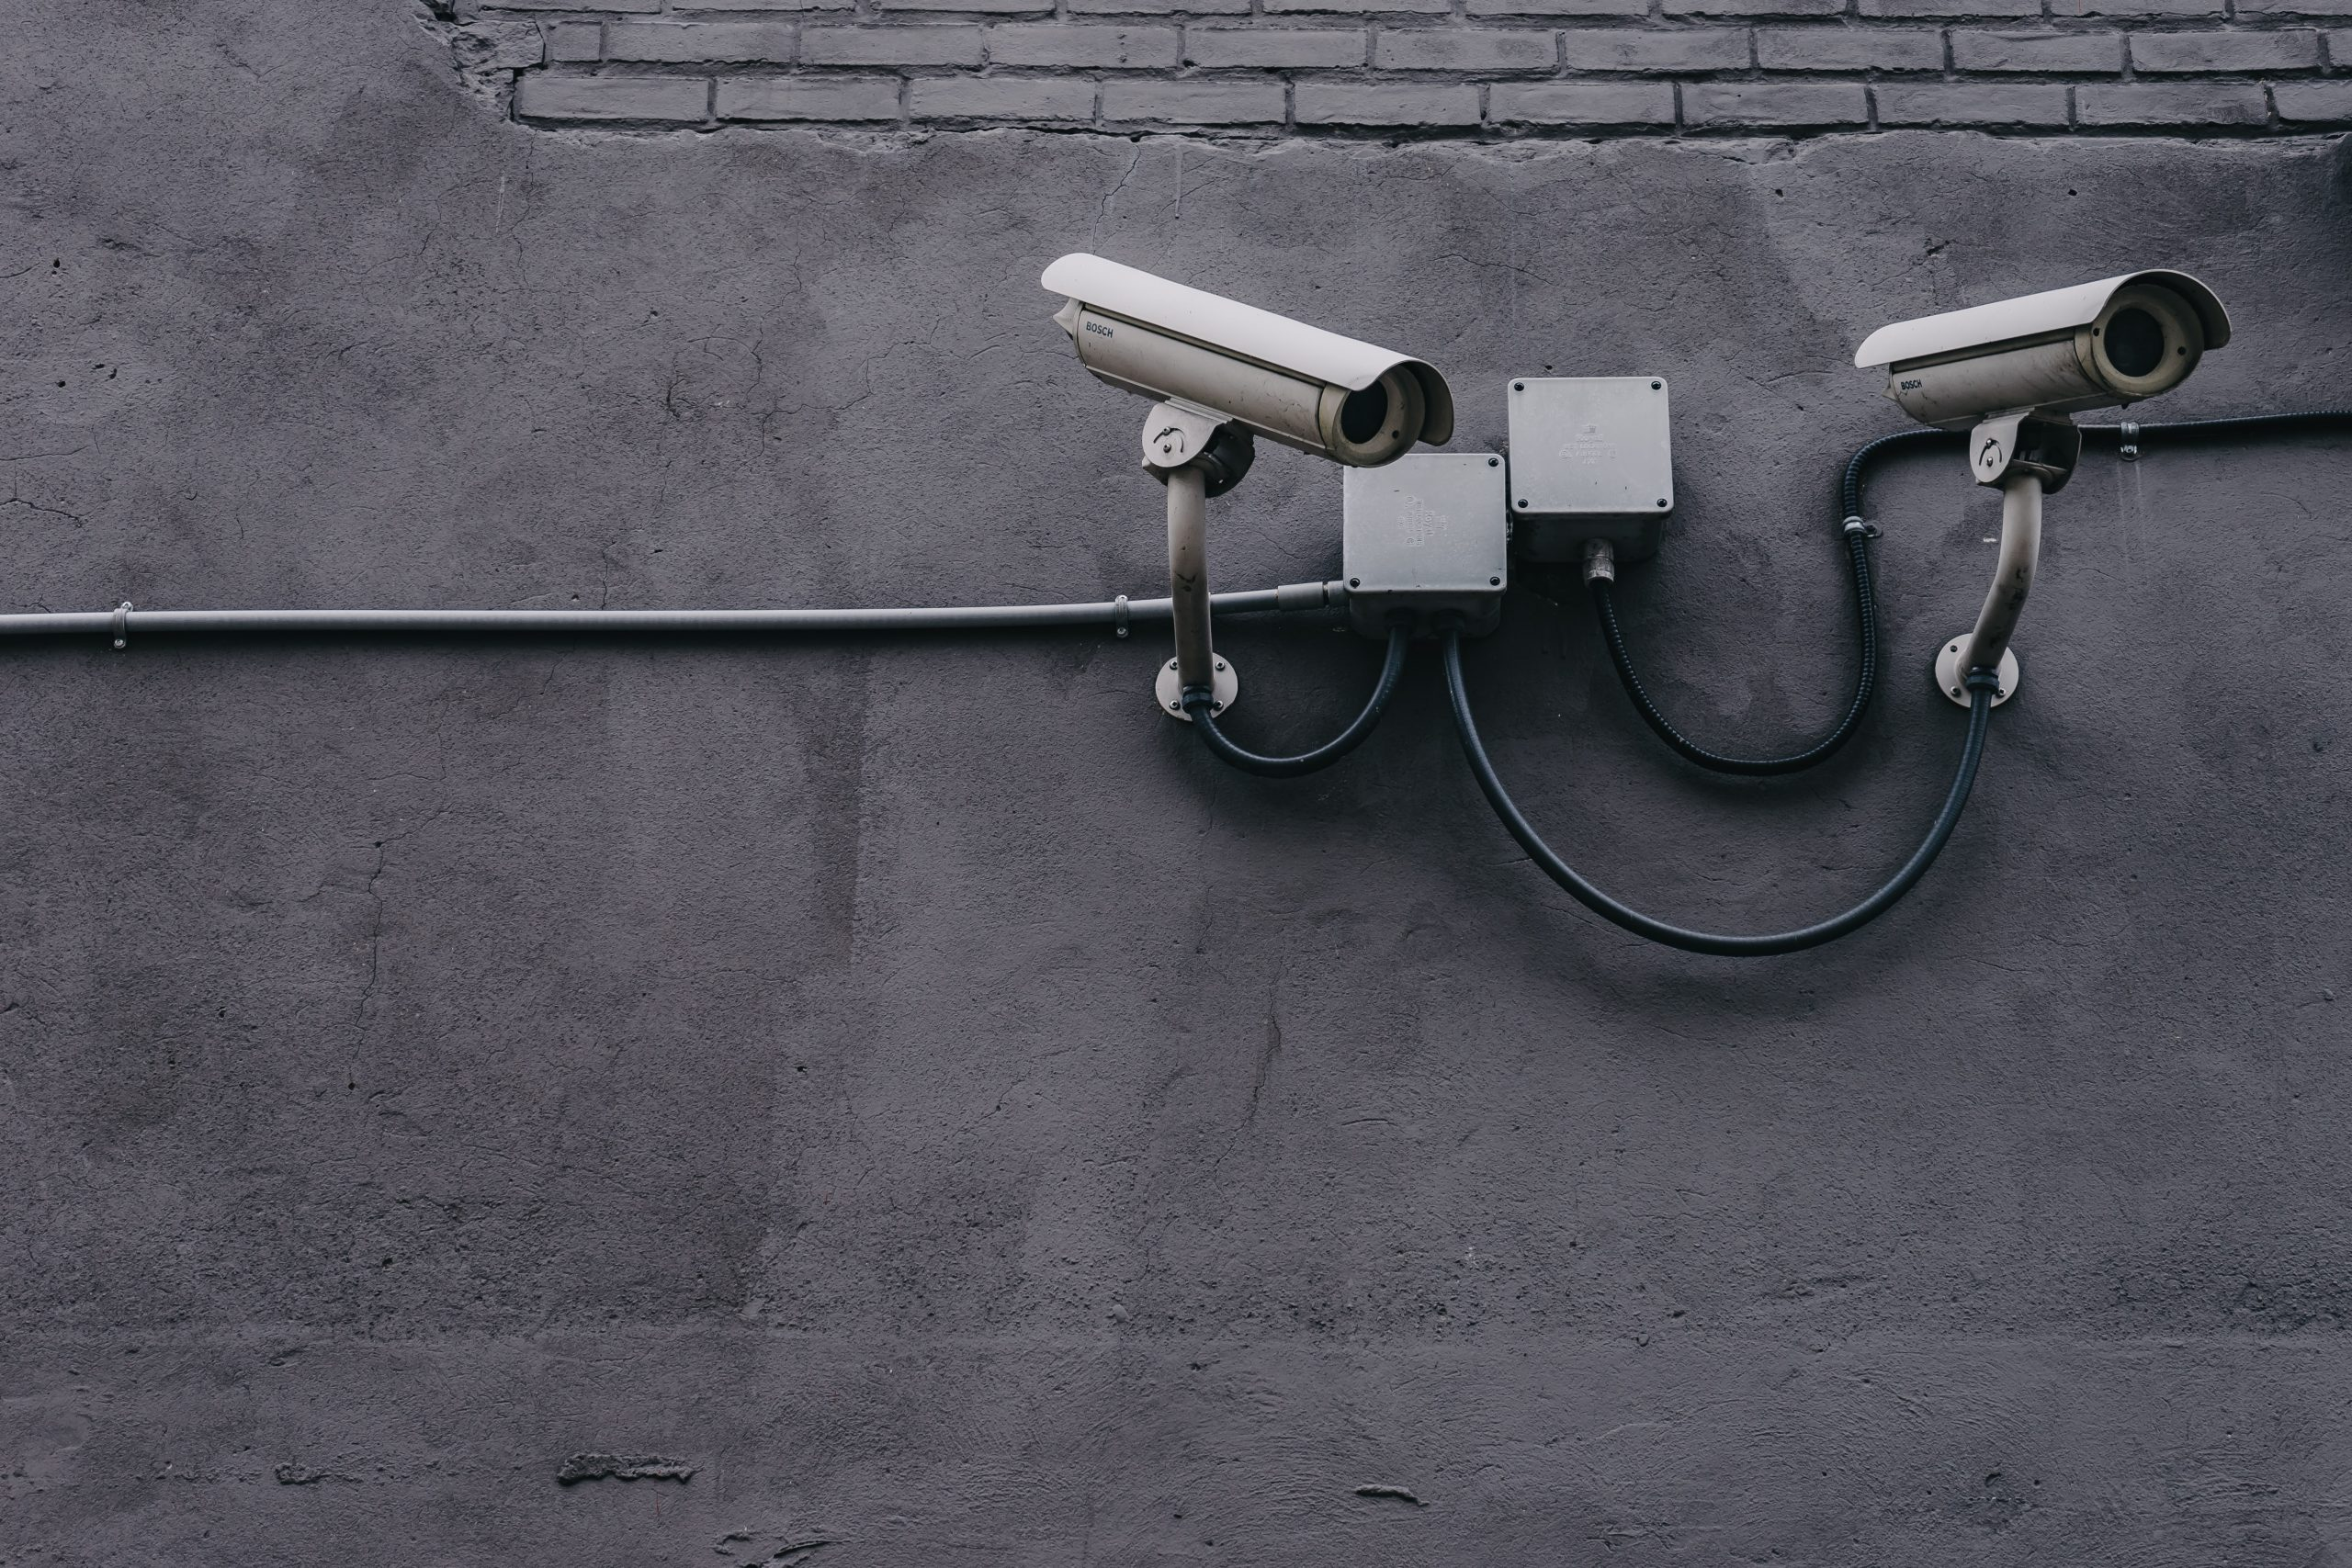 Tecnologia como aliada da segurança pública